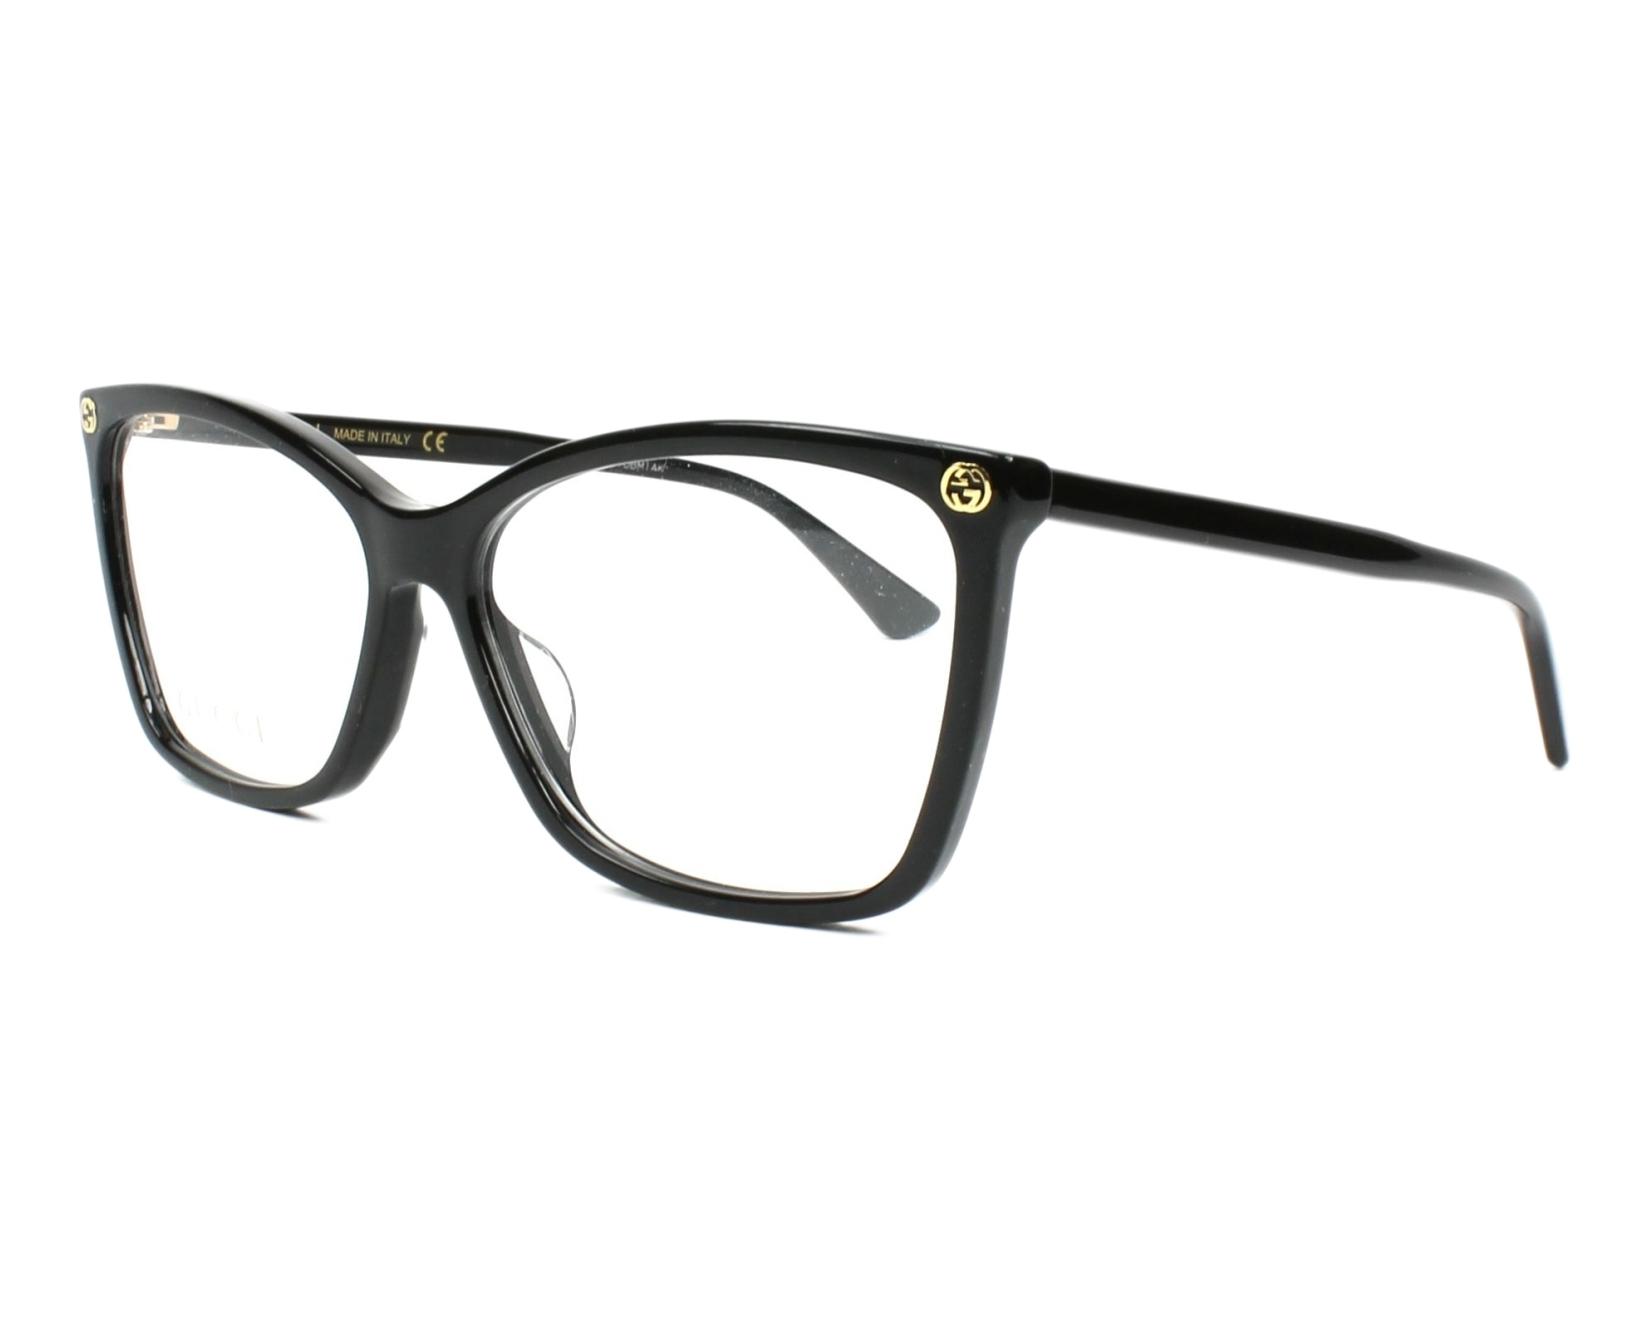 0fbf3ccc9d Trouvez vos lunettes de vue Gucci en promotion toute l'année